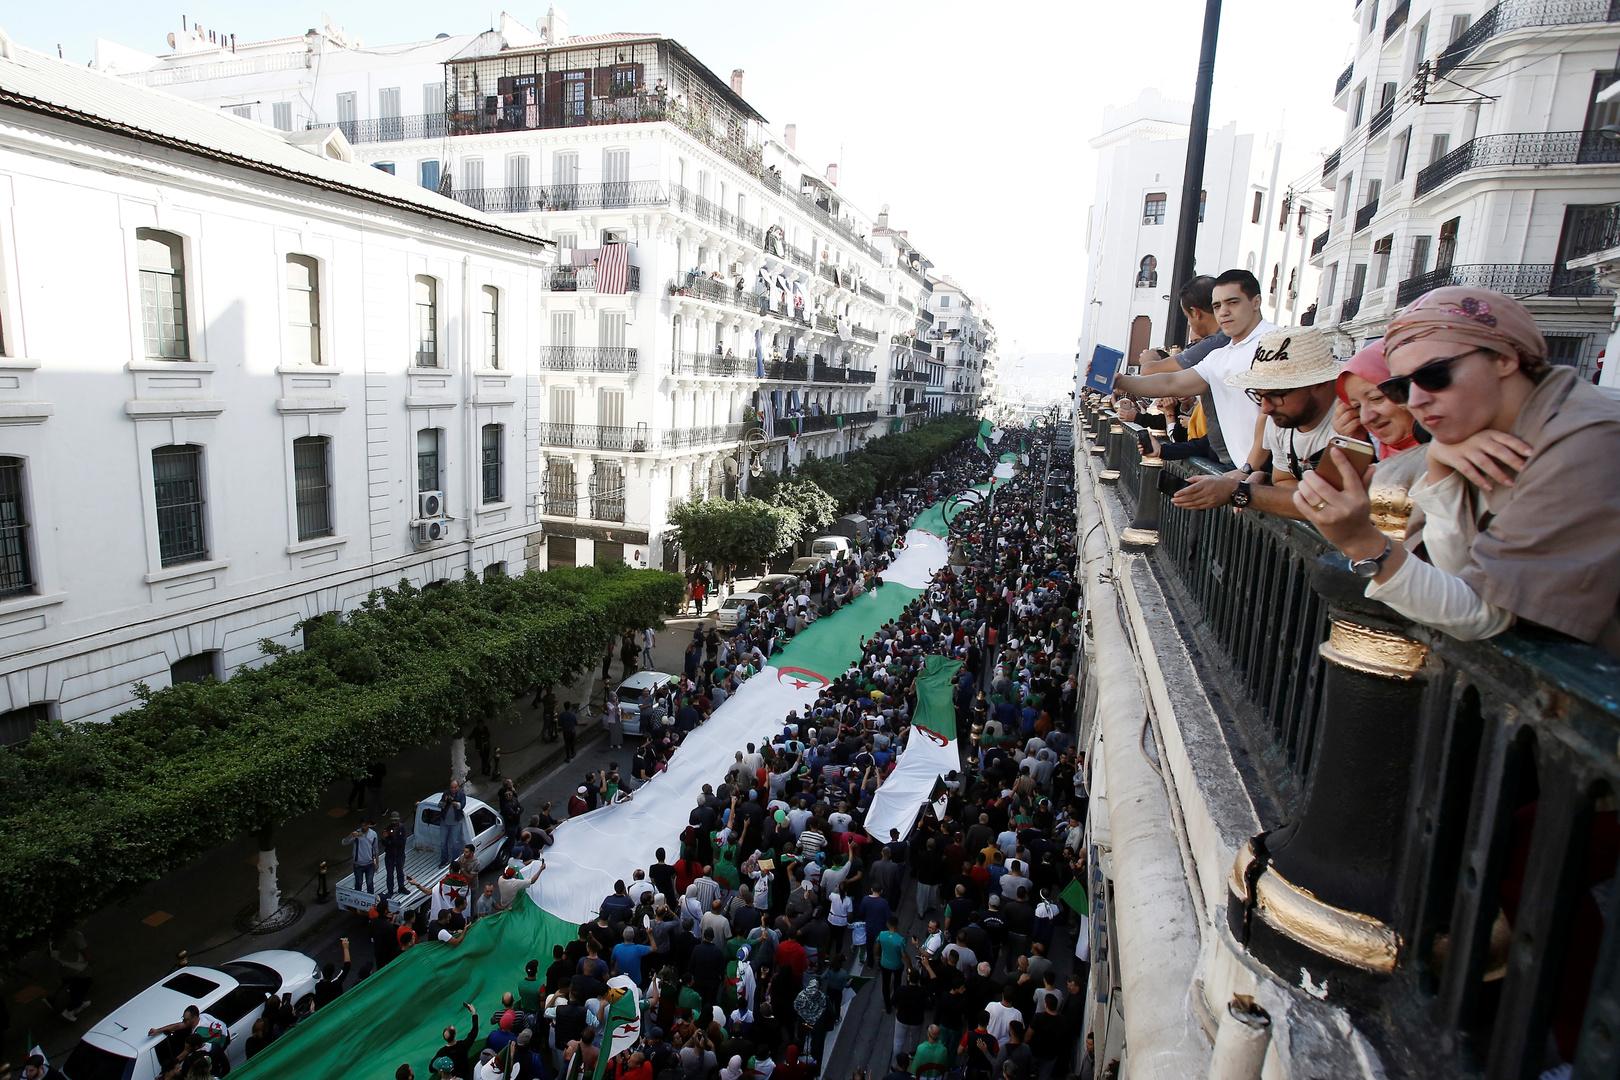 وسط مدينة الجزائر, أرشيف.